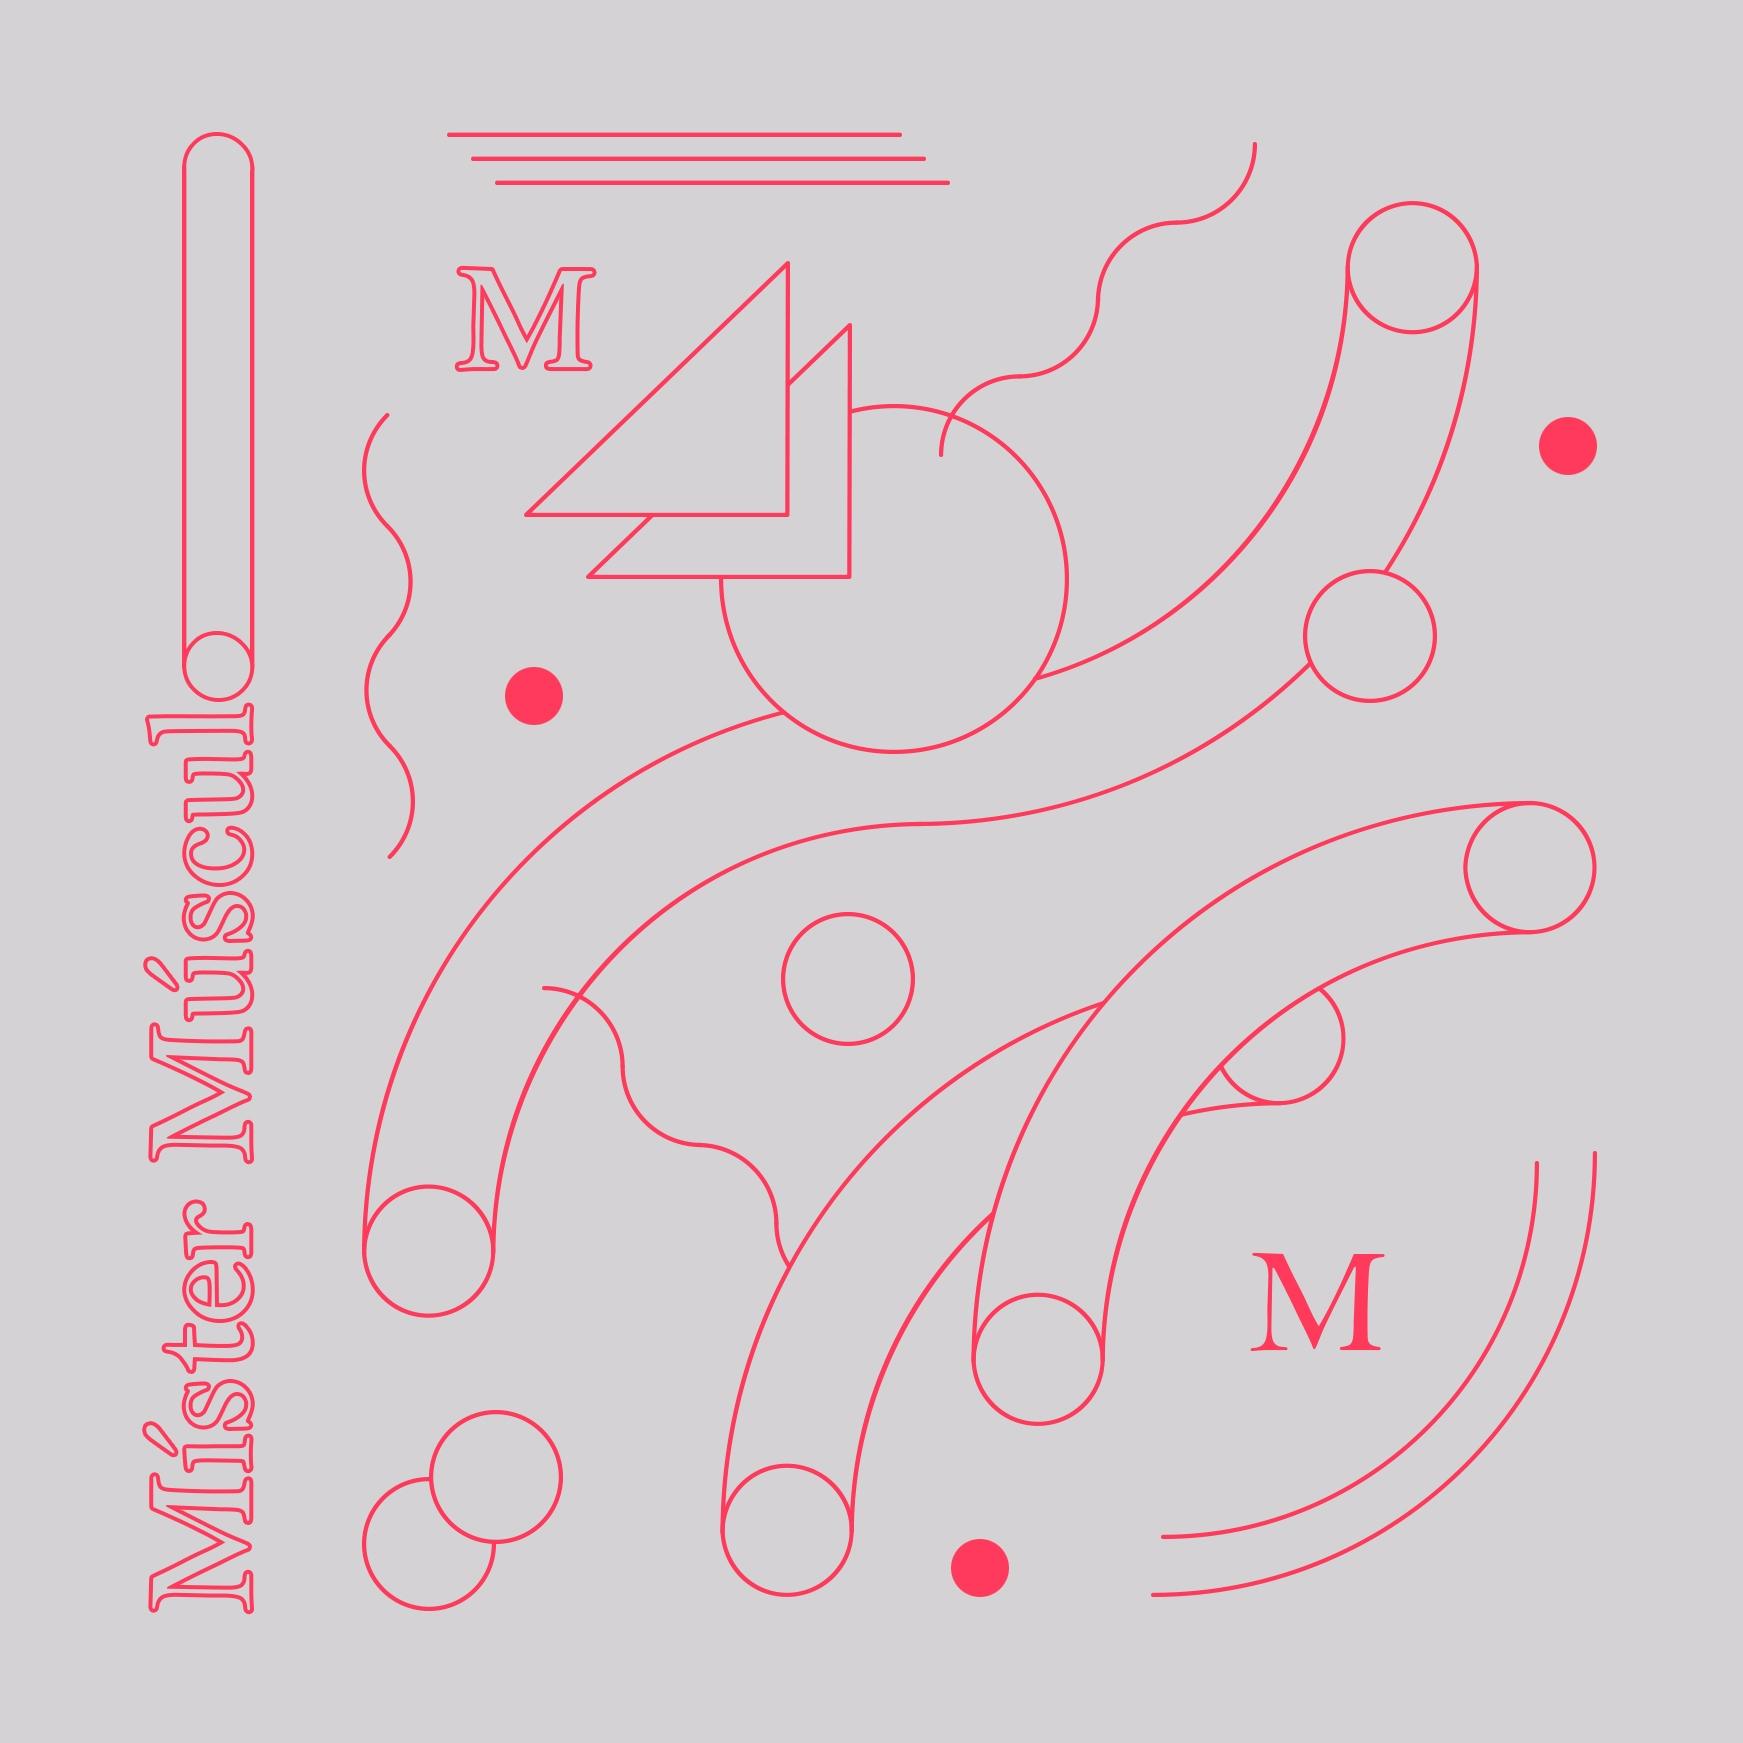 Míster Músculo <3 - design, graphicdesign - lxtxcx | ello